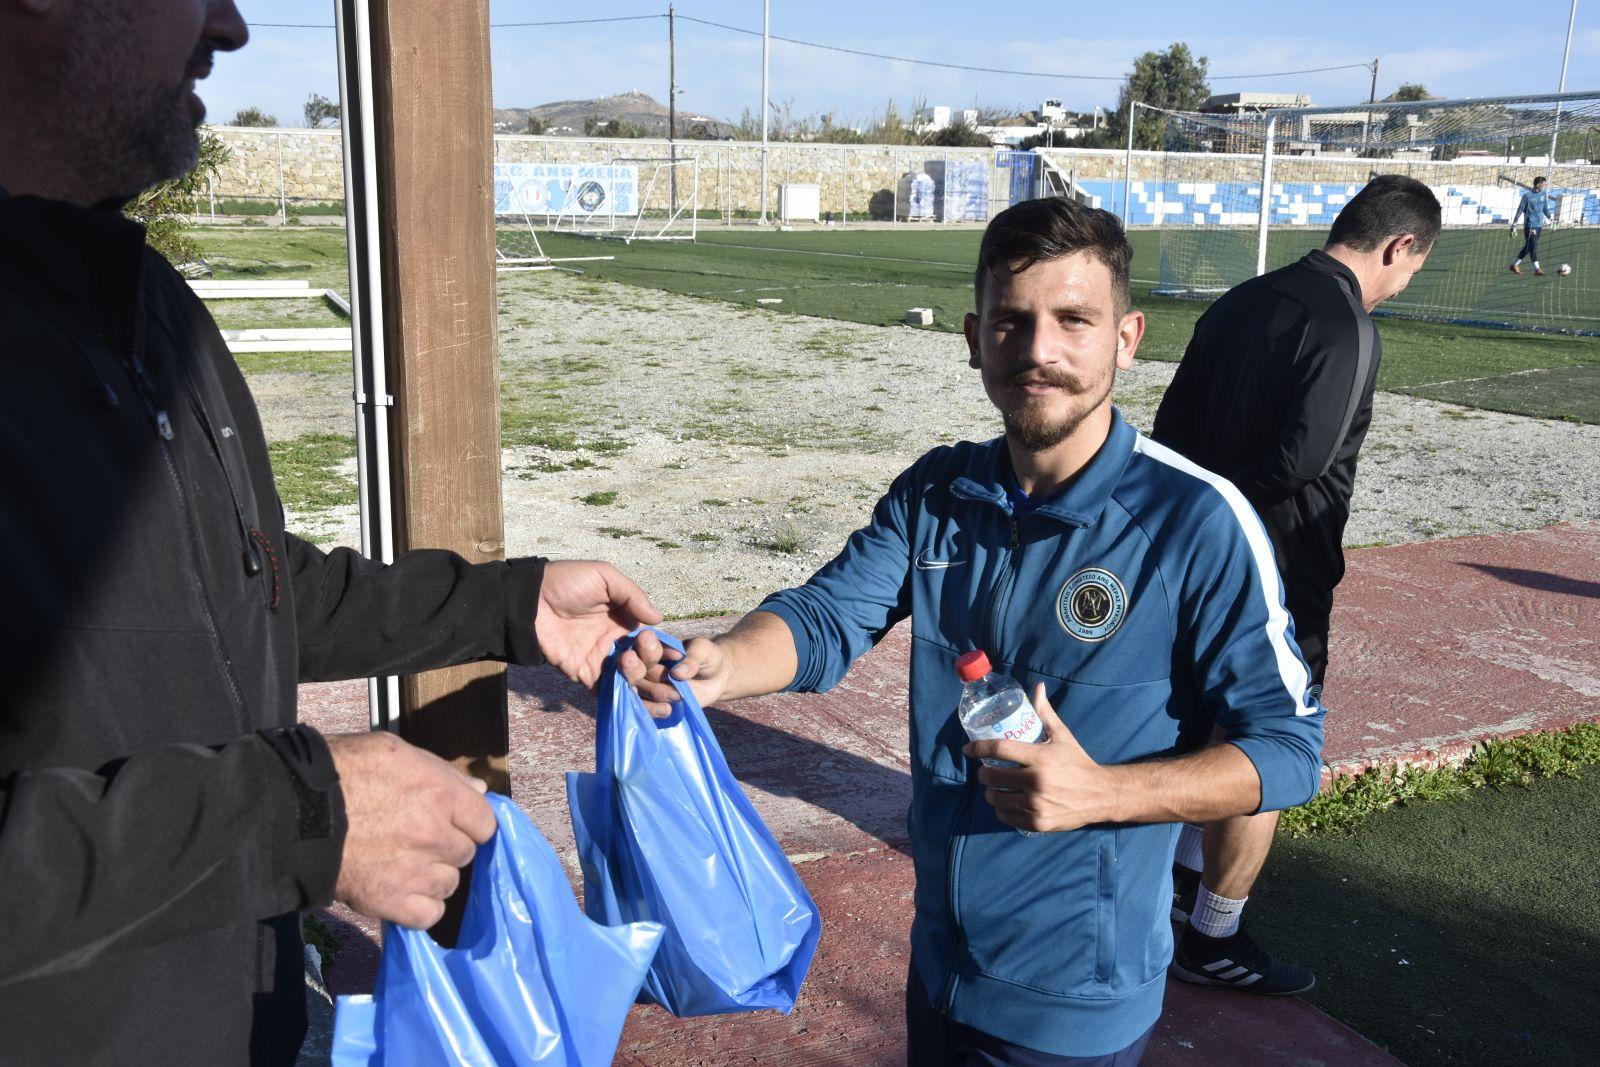 Δώρα στους ποδοσφαιριστές από τη διοίκηση της Άνω Μεράς